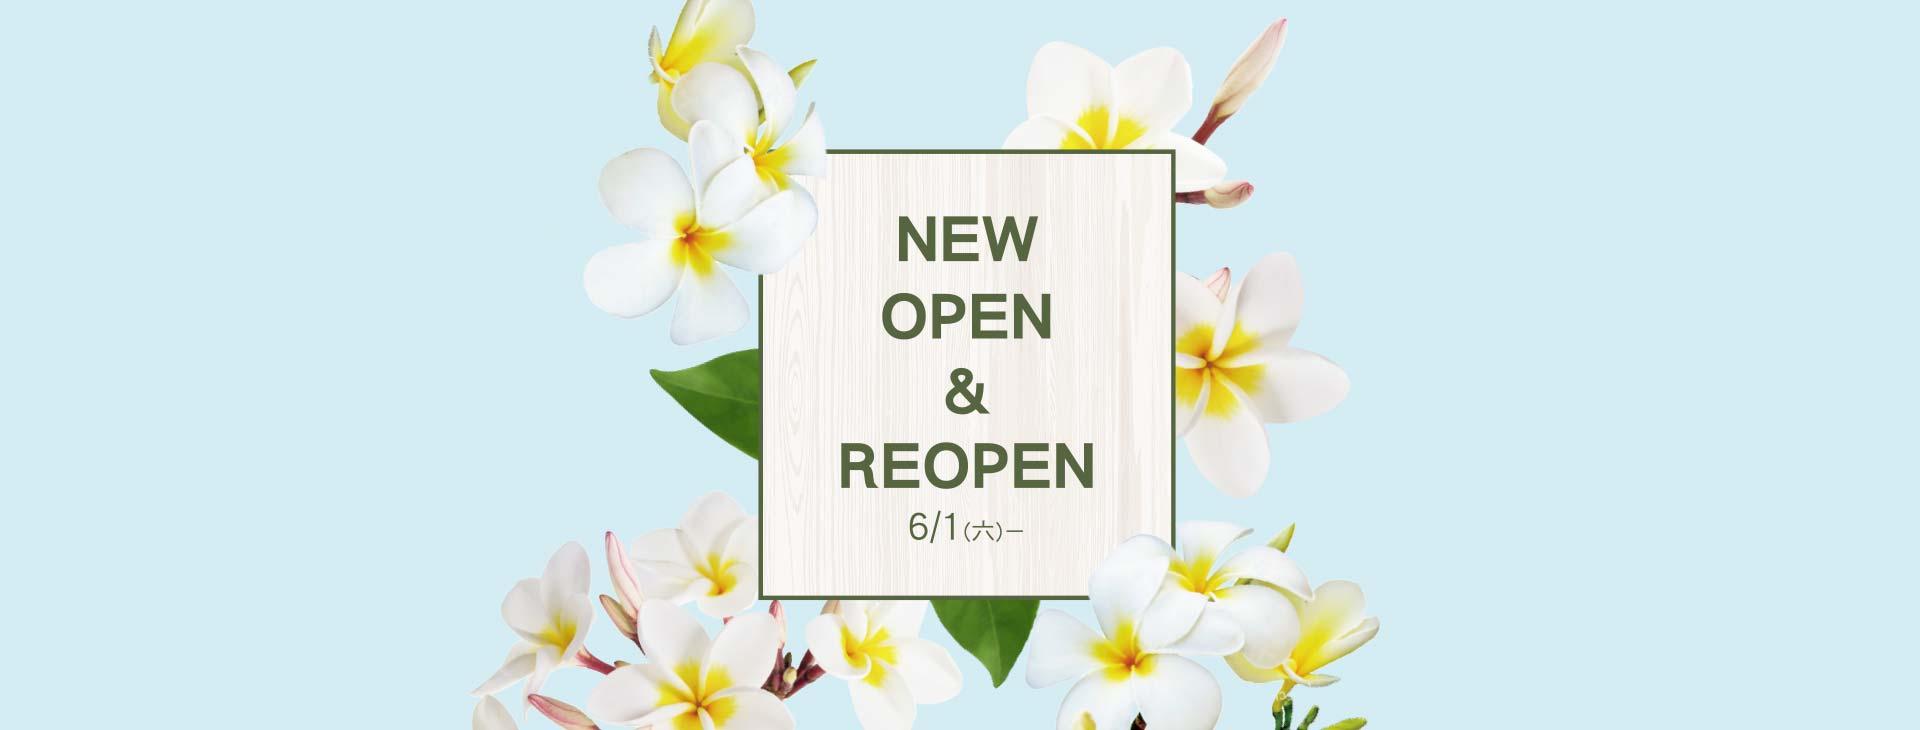 NEW OPEN & REOPEN